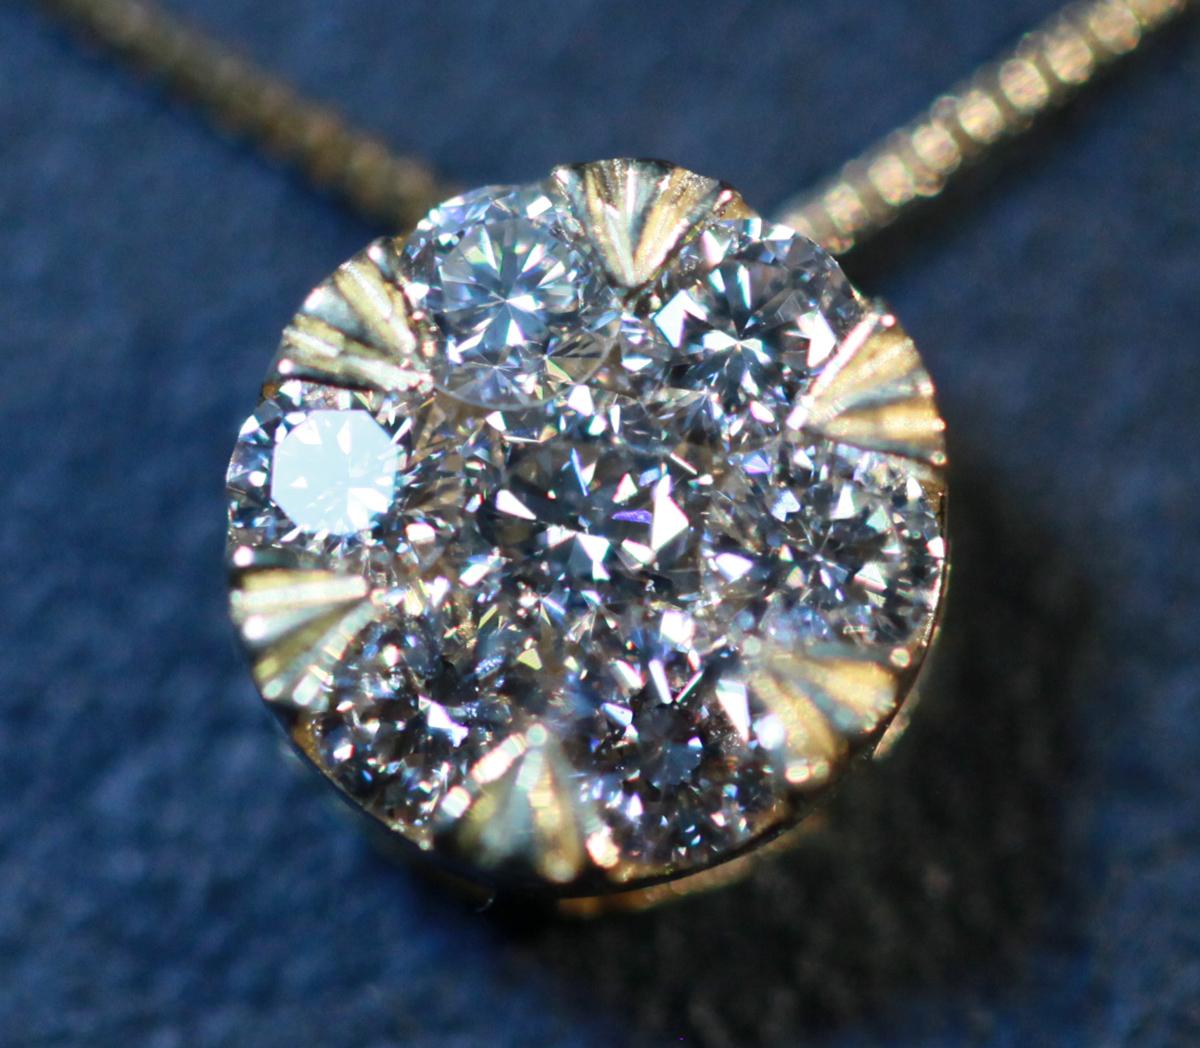 *PN5643YG【ブライダル!業者にも!】 1.8ctの大粒ダイヤに見える!天然上質ダイヤモンド0.60ct 最高級18金WG無垢ネックレス 新品